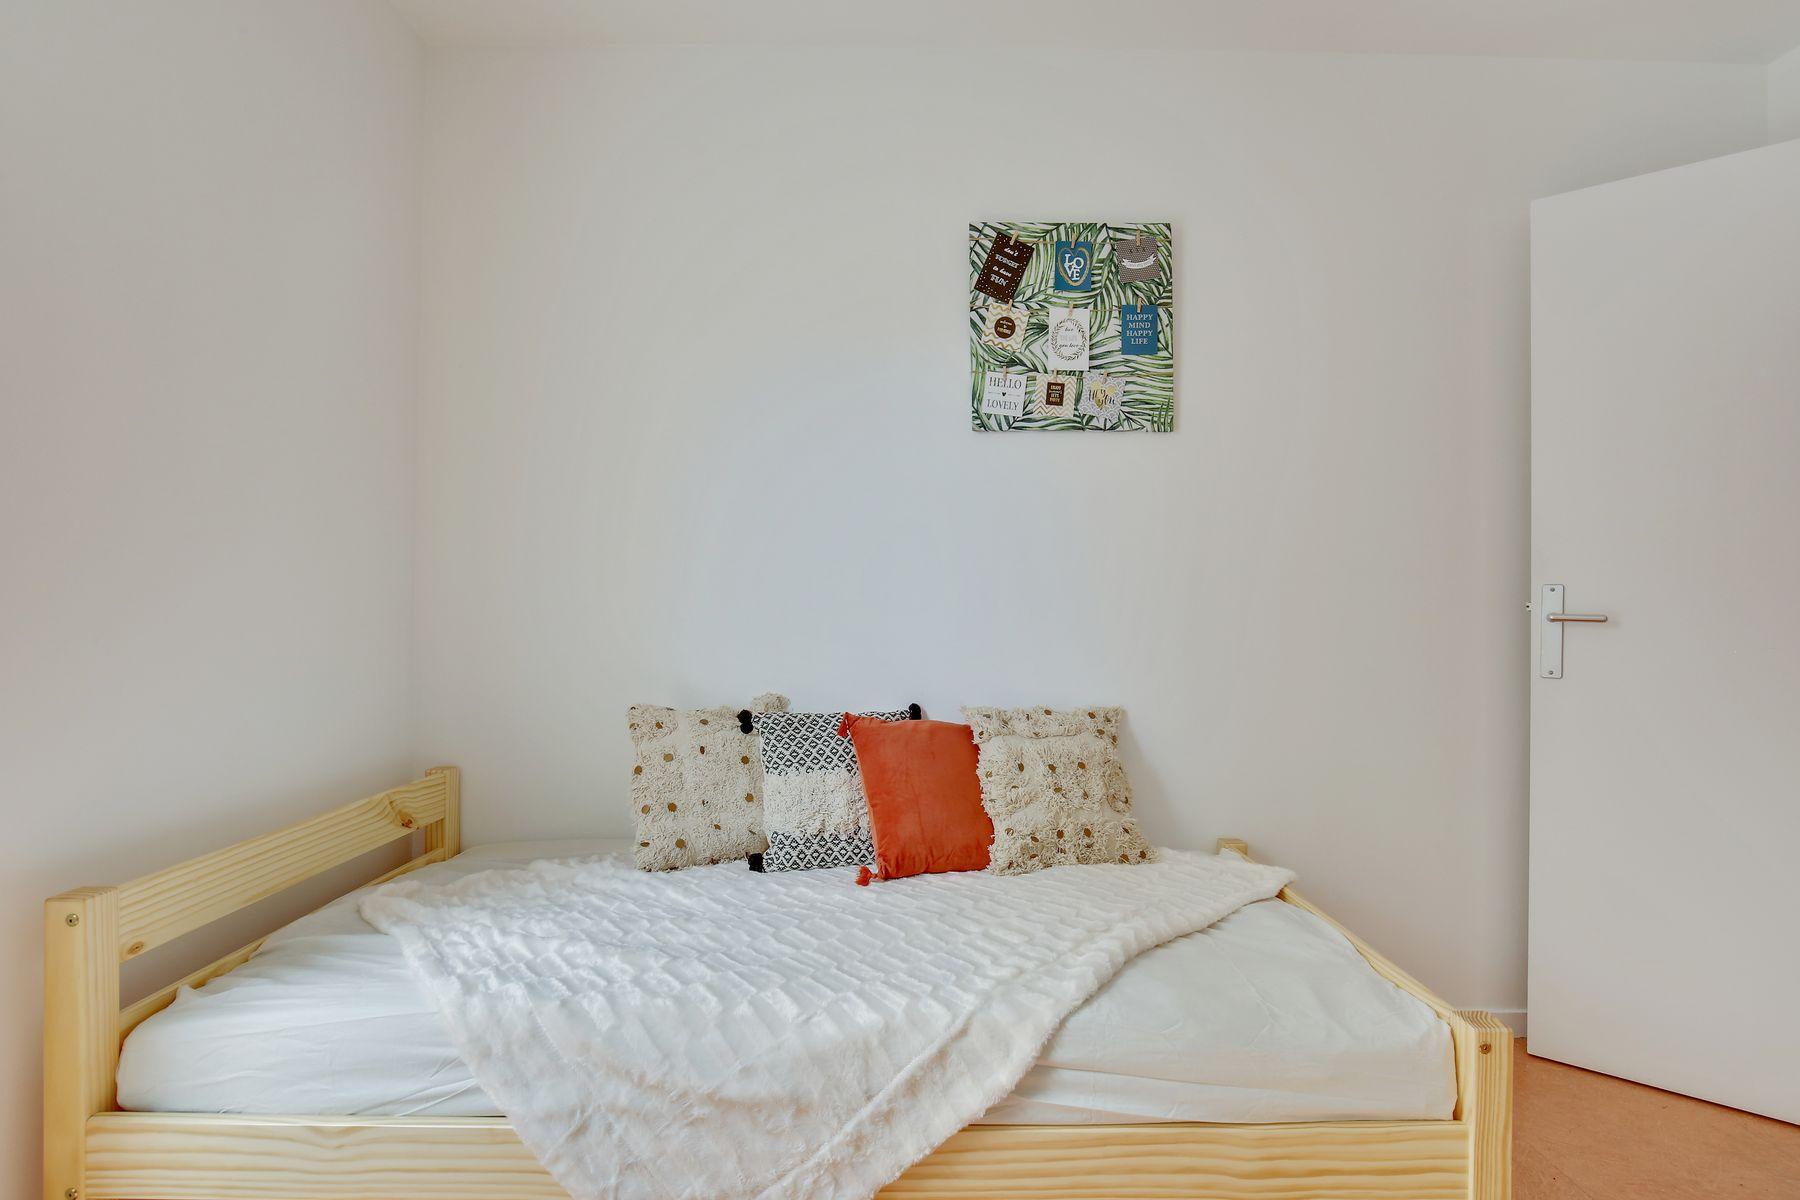 LOGIFAC résidence étudiante Ecrivains Carrières sur seine grand lit